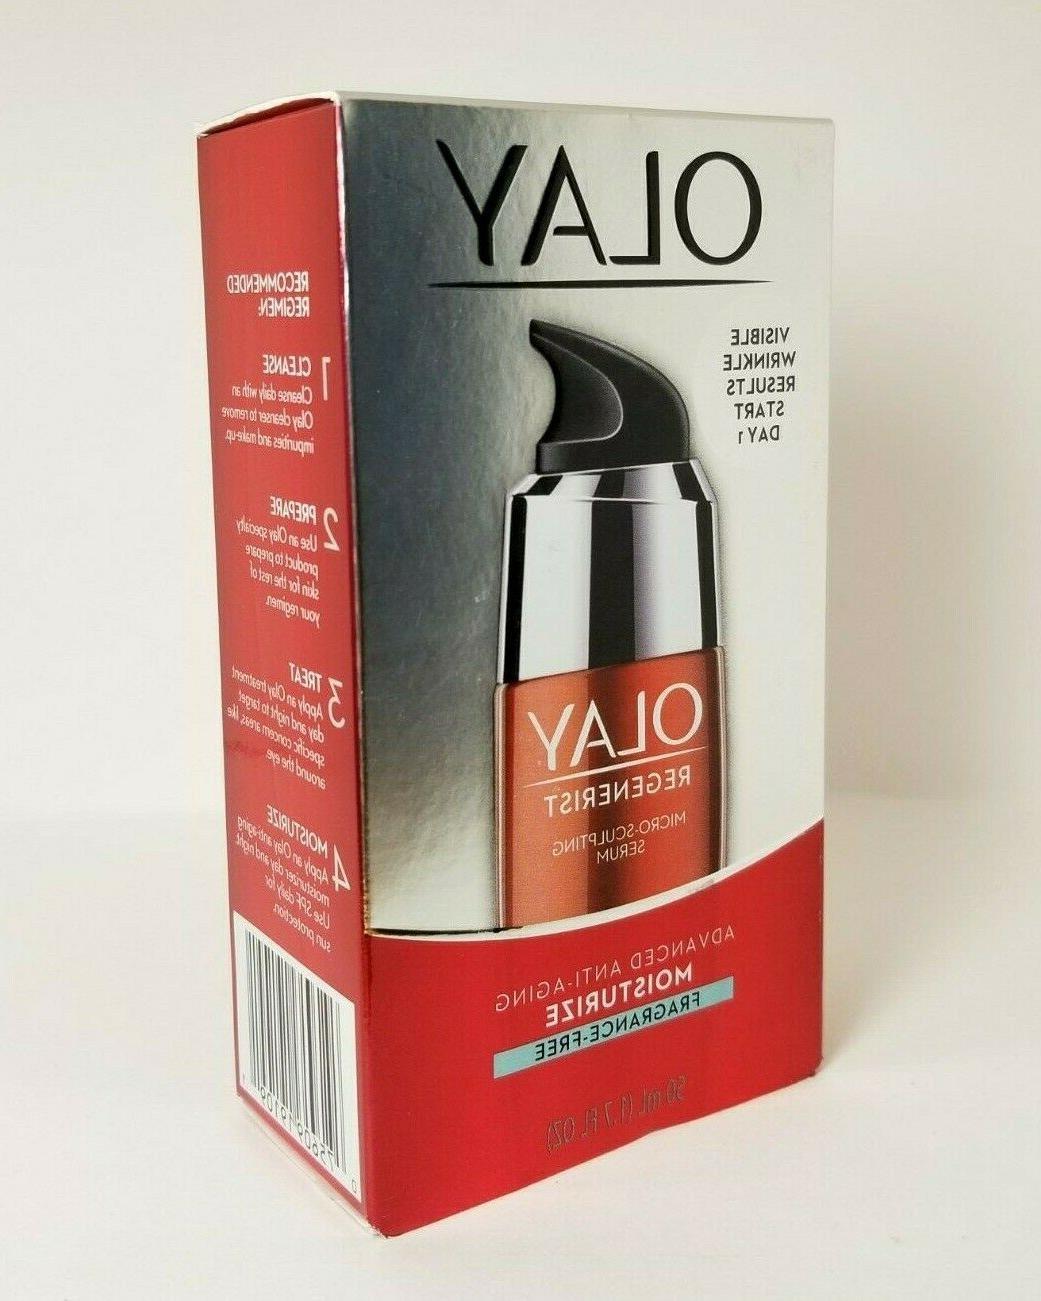 Olay Fragrance Face 1.7 fl oz